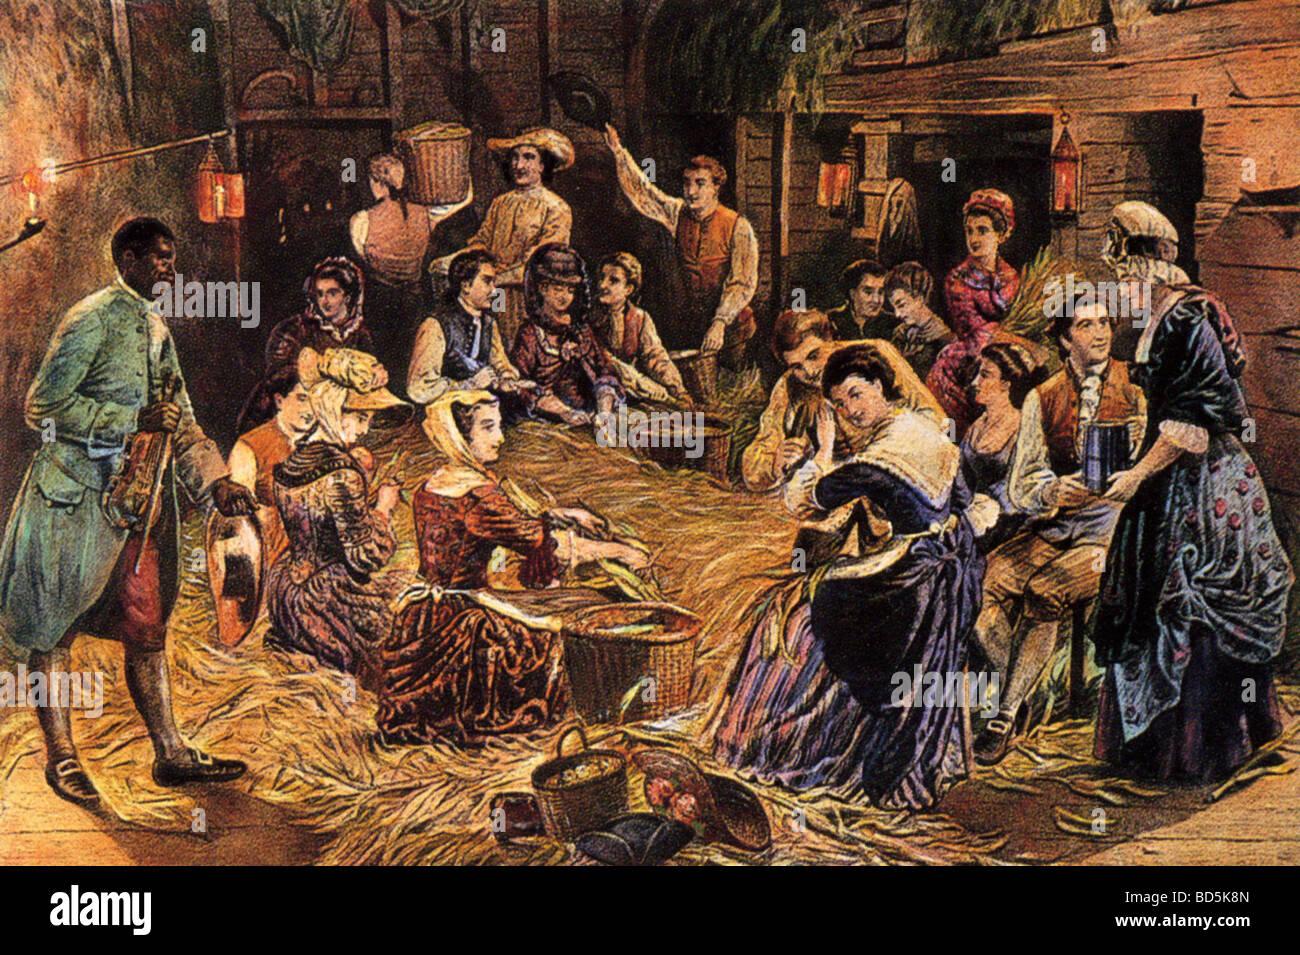 CORNHUSKING rurale in America del diciottesimo secolo con il musicista a sinistra Immagini Stock